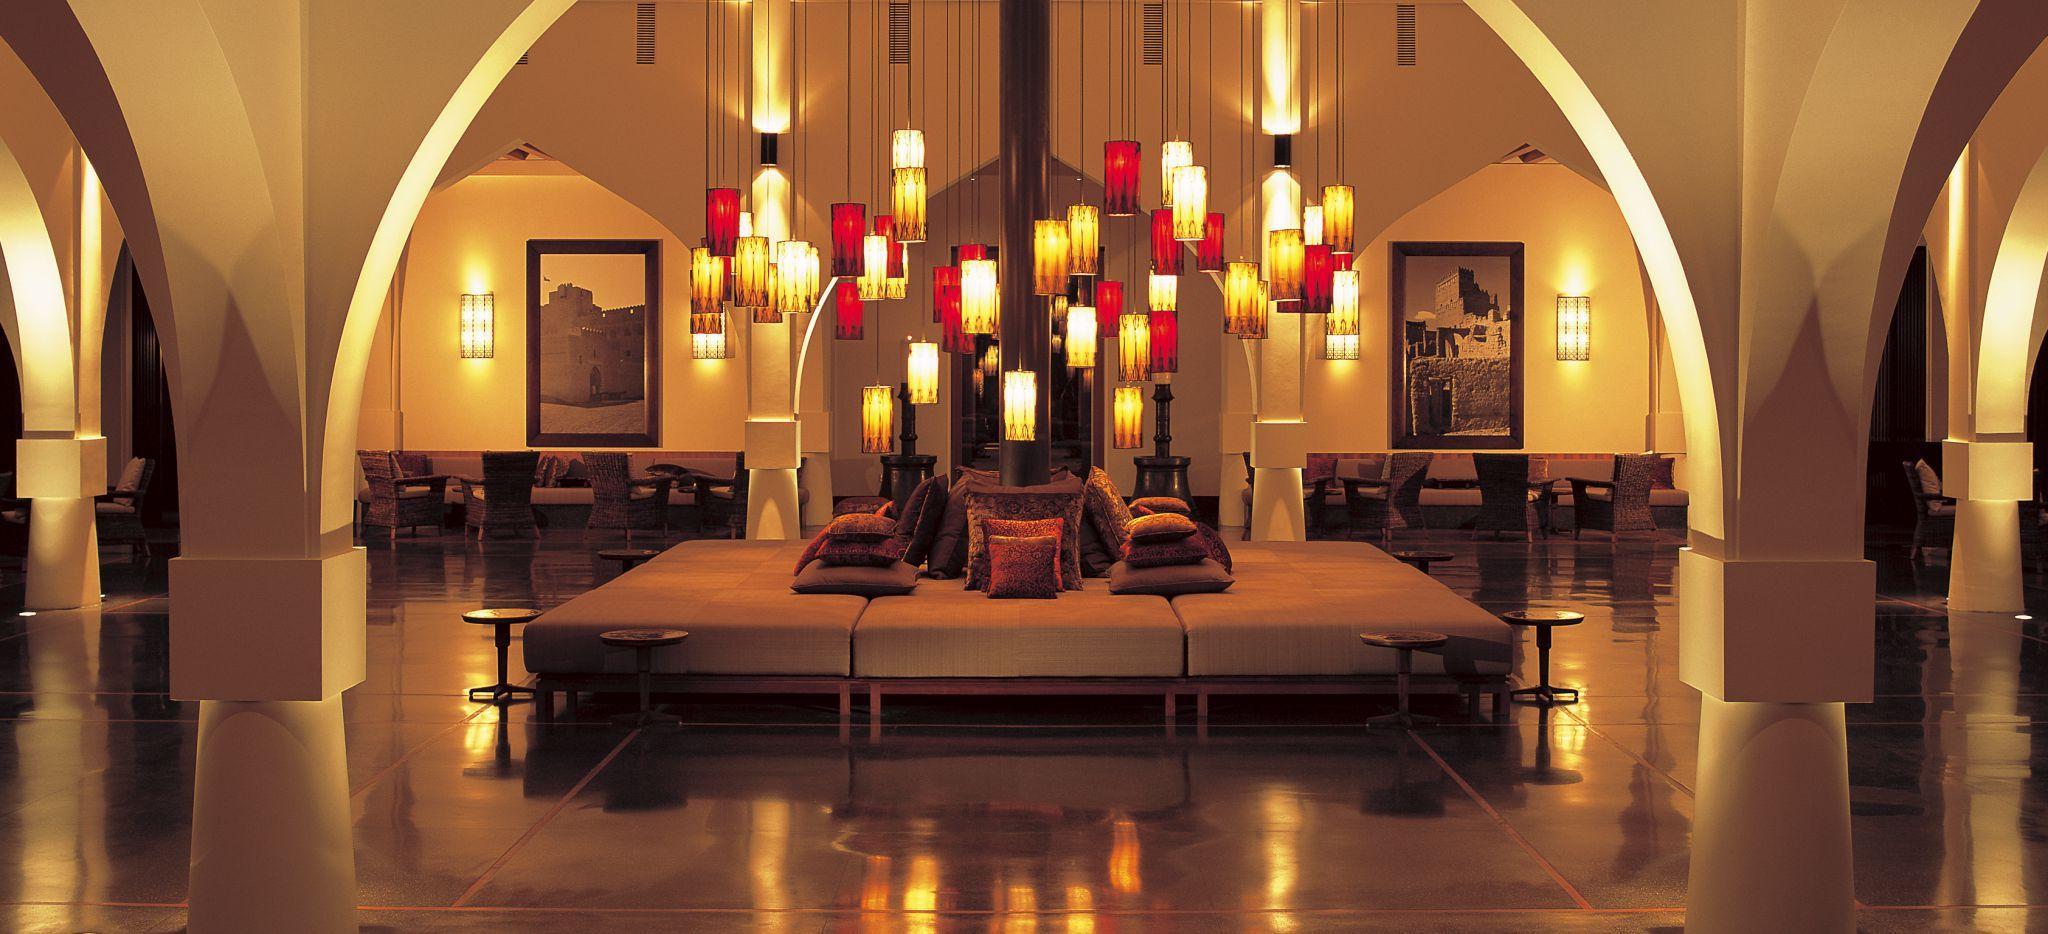 """Die Lobby im Hotel """"The Chedi Muscat"""" in Muskat, Oman. In klassisch arabischem Stil eingerichtet"""